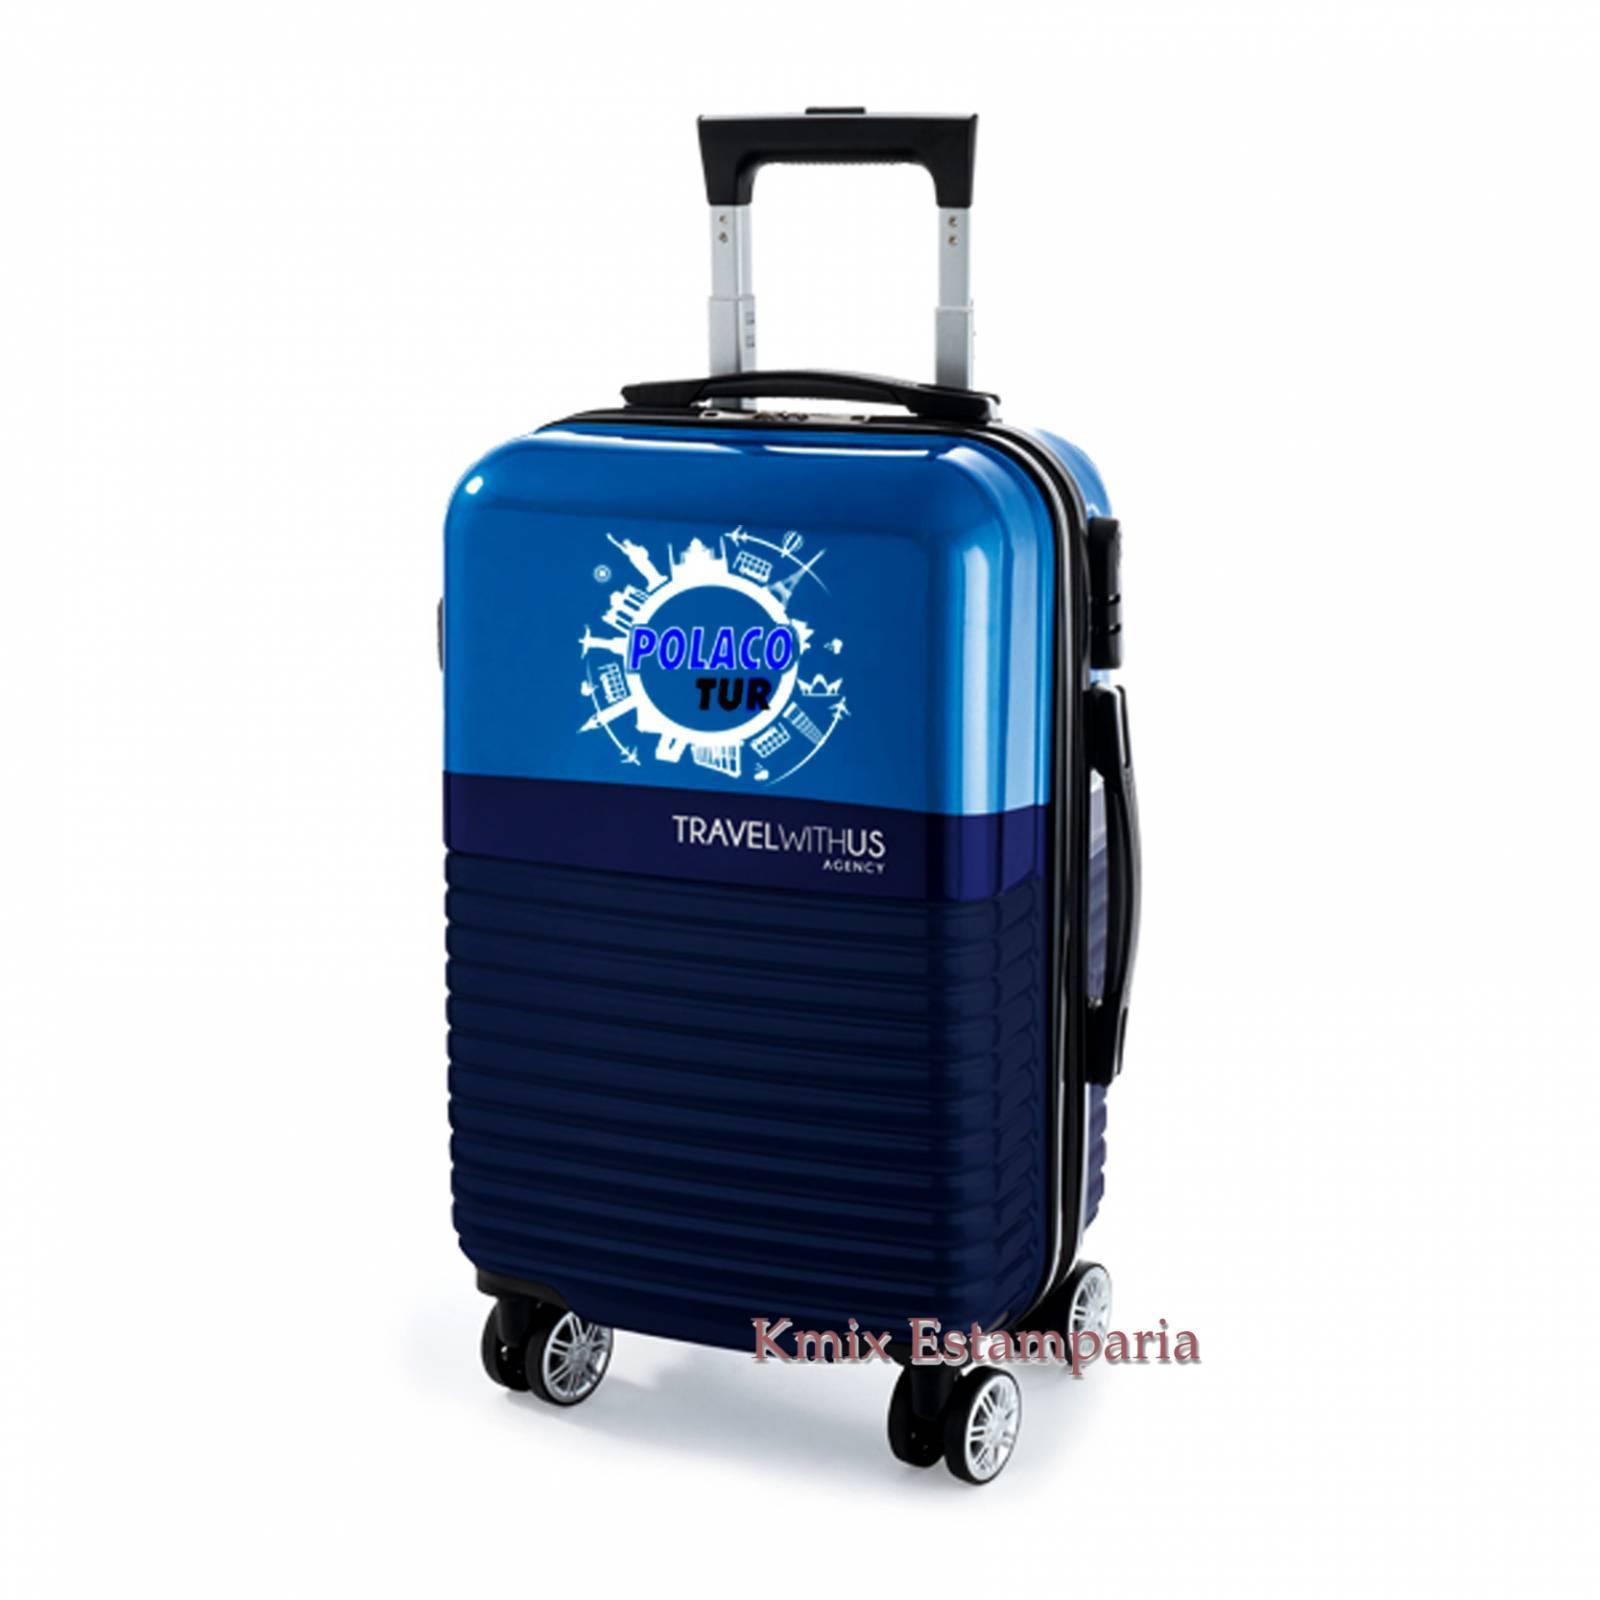 Mala de viagem executivo (92160) - kmix estamparia